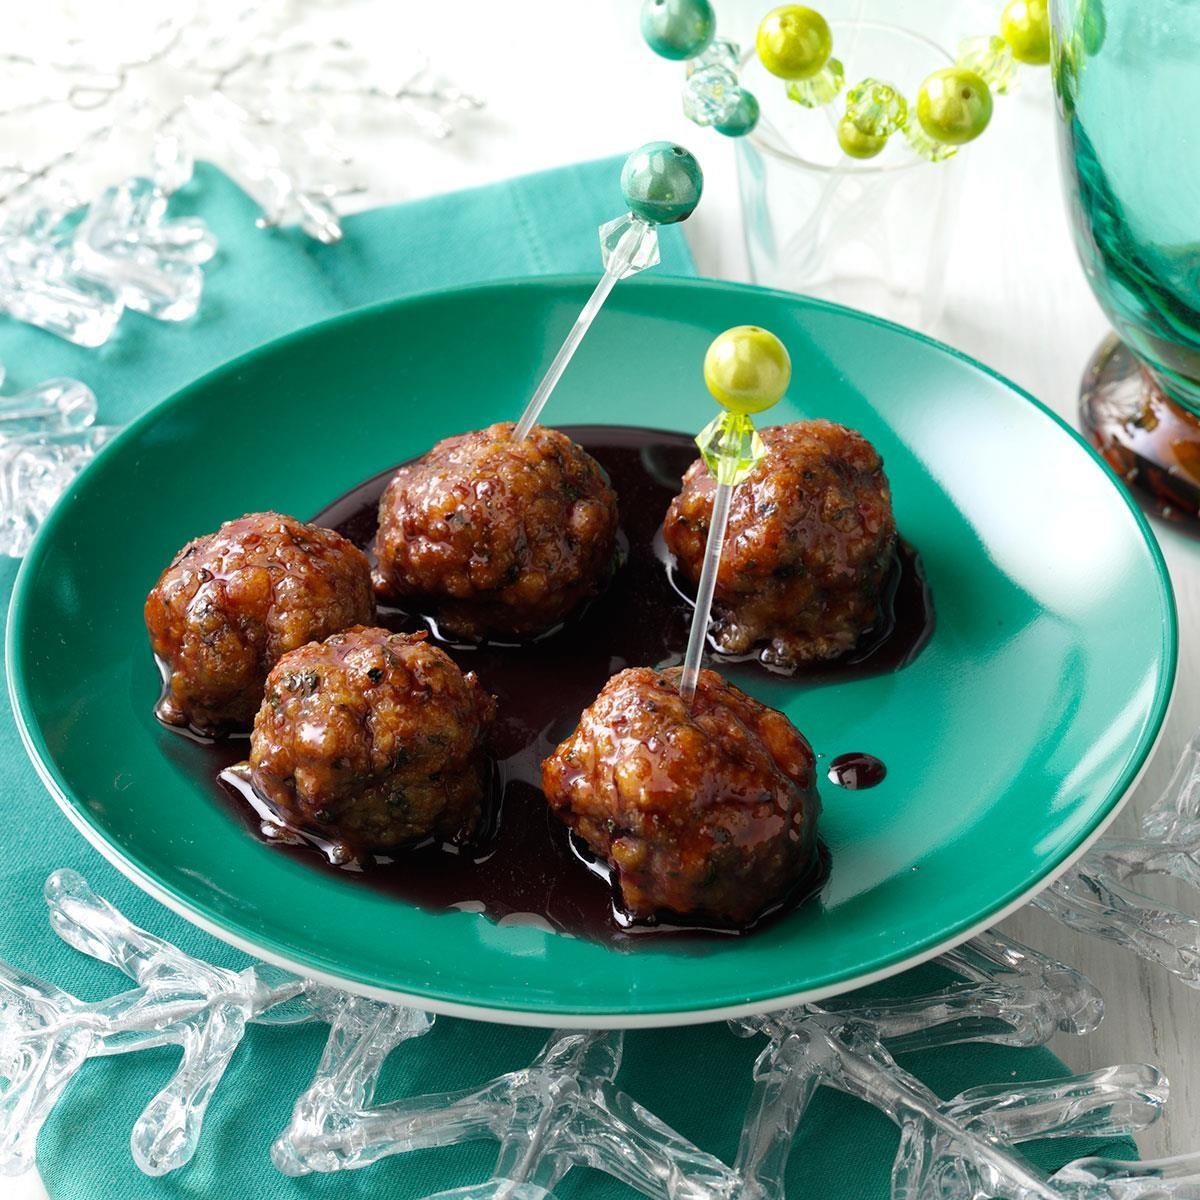 Turkey meatballs recipes easy